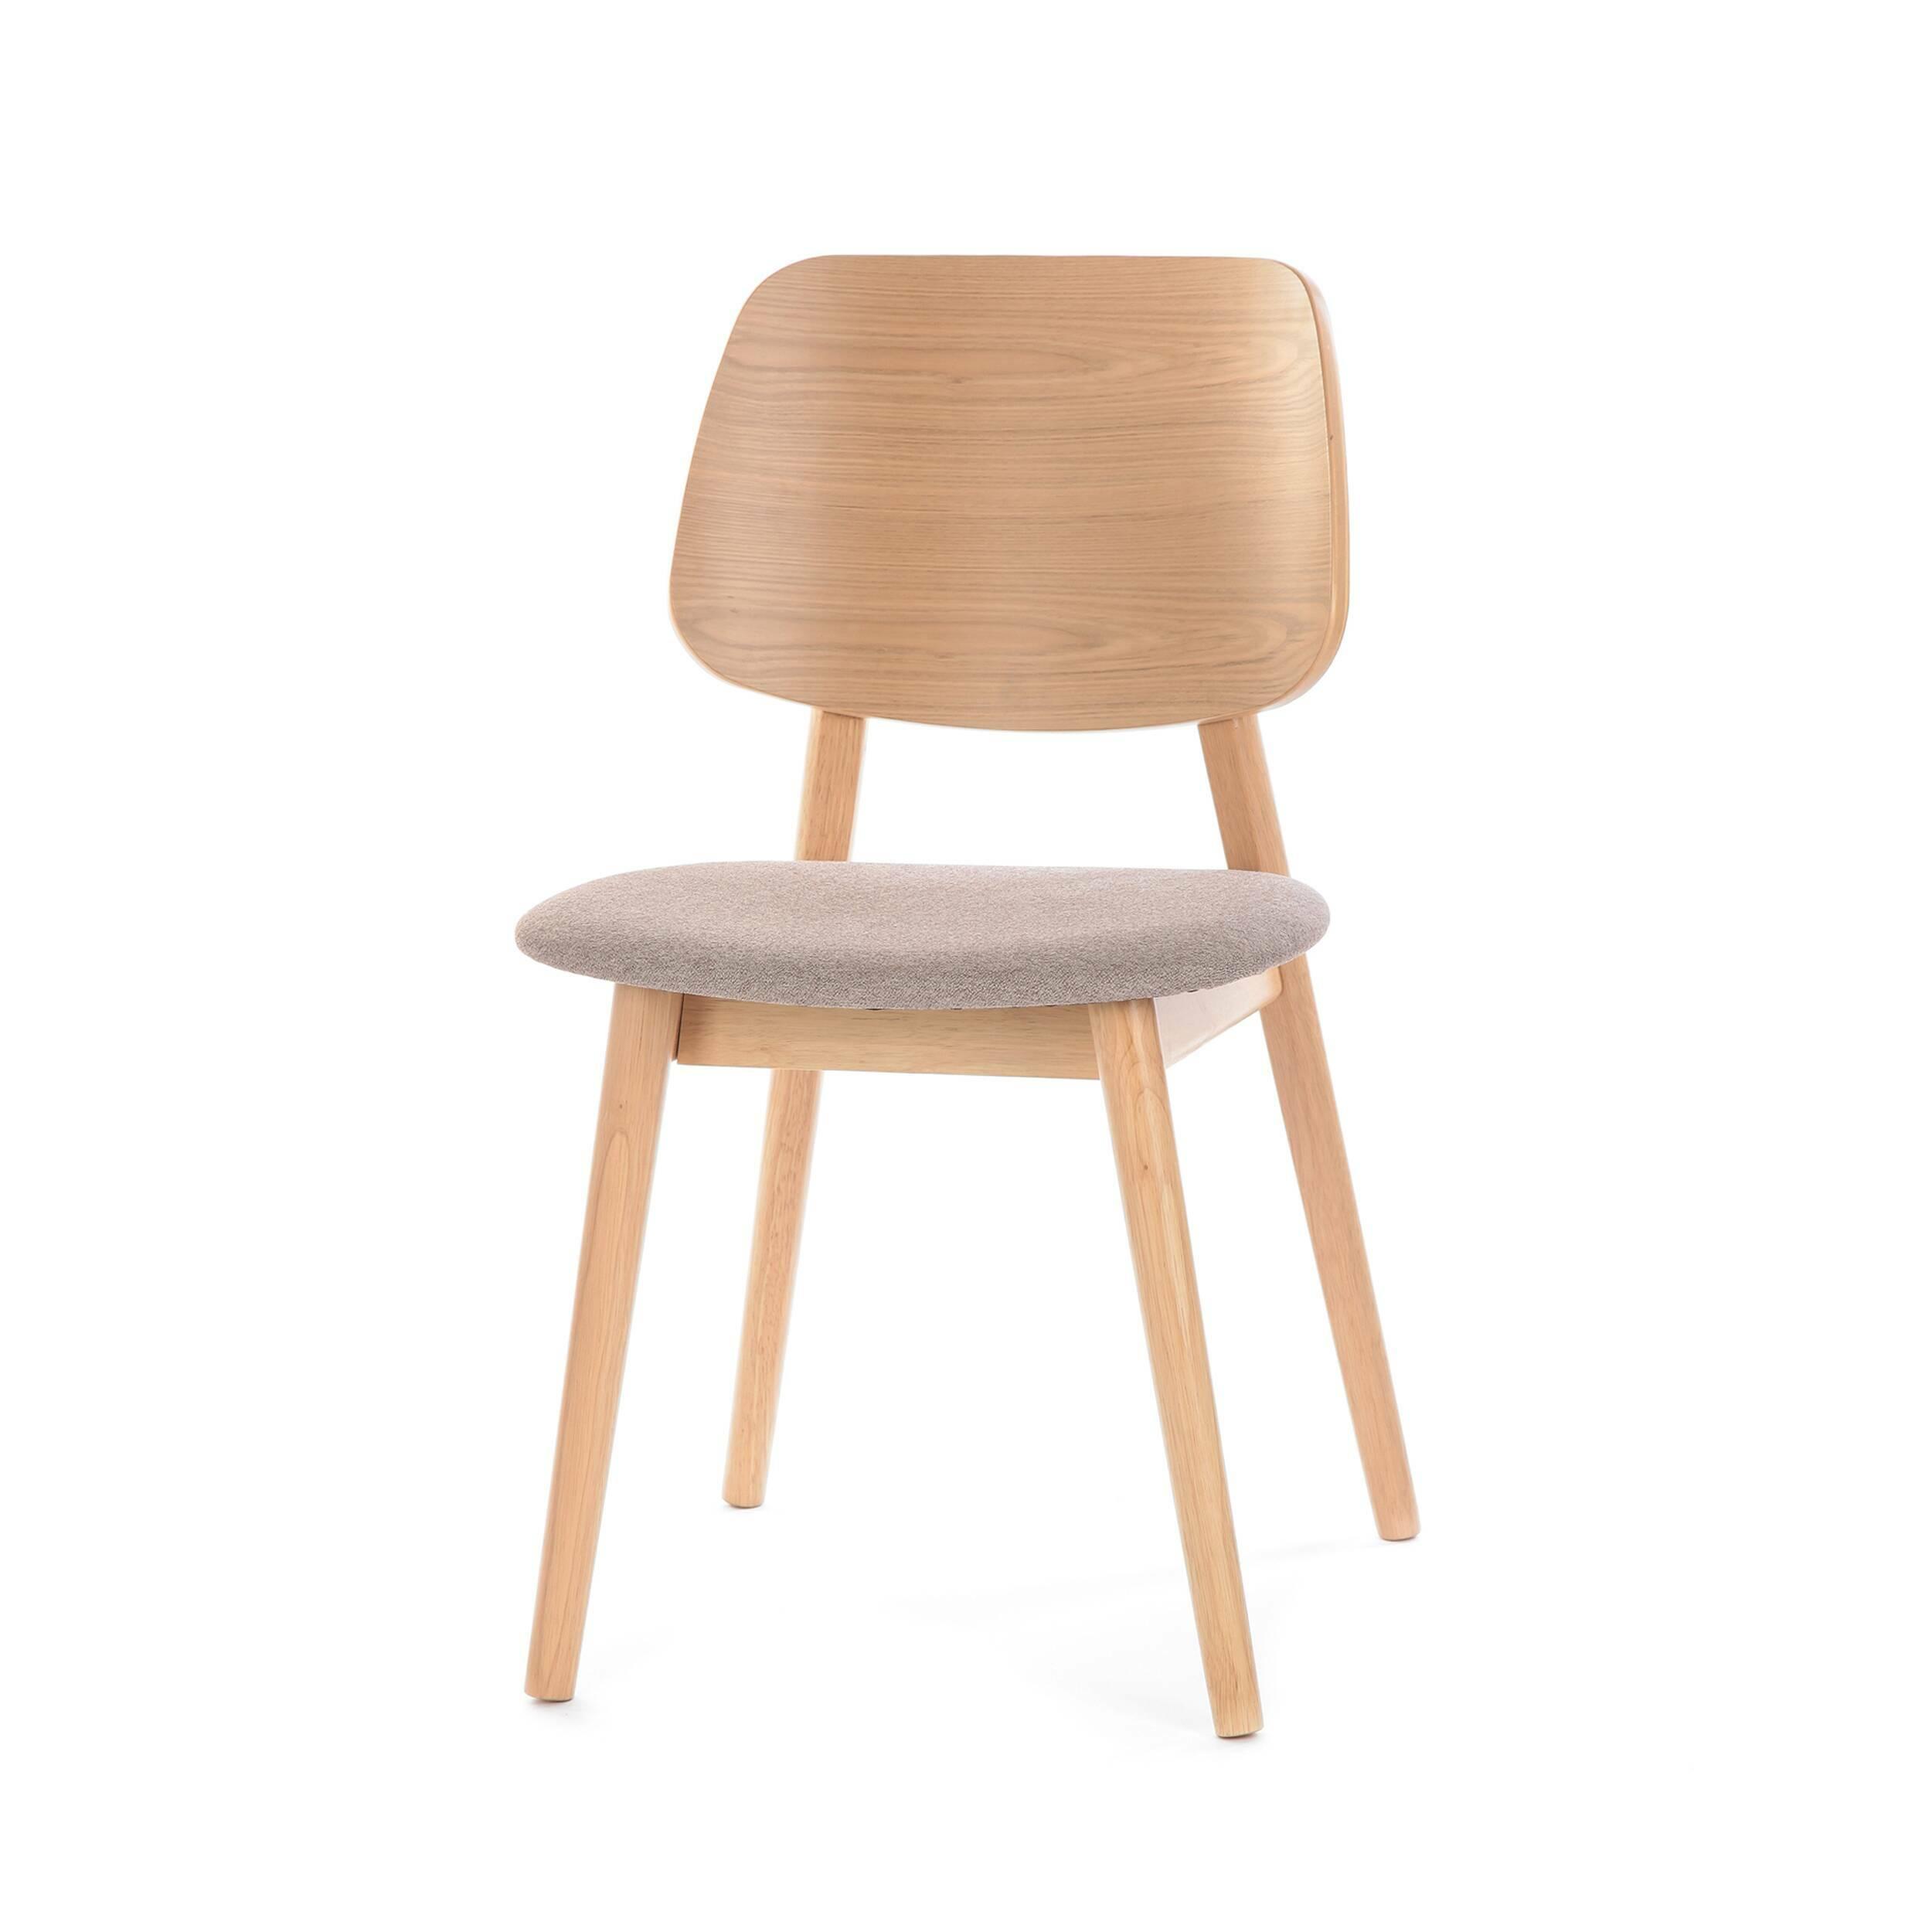 Стул LuusИнтерьерные<br>Простой стиль этой модели делает ее очень функциональной – стул Luus подойдет как для дополнения мебельного ансамбля гостиной комнаты, так и для создания уютной и комфортной обстановки на кухне или в столовой. Стул выполнен в классическом стиле и спокойной цветовой гамме.<br><br><br> На выбор предлагаются различные варианты расцветки под разные породы дерева, однако сам каркас стула изготавливается из прочного и надежного массива ясеня. Изделия из дерева высоко ценятся во многих интерьерных стил...<br><br>stock: 0<br>Высота: 81,5<br>Ширина: 46<br>Глубина: 54,5<br>Цвет ножек: Клен<br>Цвет спинки: Клен<br>Материал ножек: Массив ясеня<br>Материал спинки: Фанера, шпон ясеня<br>Материал сидения: Полиэстер<br>Цвет сидения: Светло-коричневый<br>Тип материала спинки: Фанера<br>Тип материала сидения: Ткань<br>Тип материала ножек: Дерево